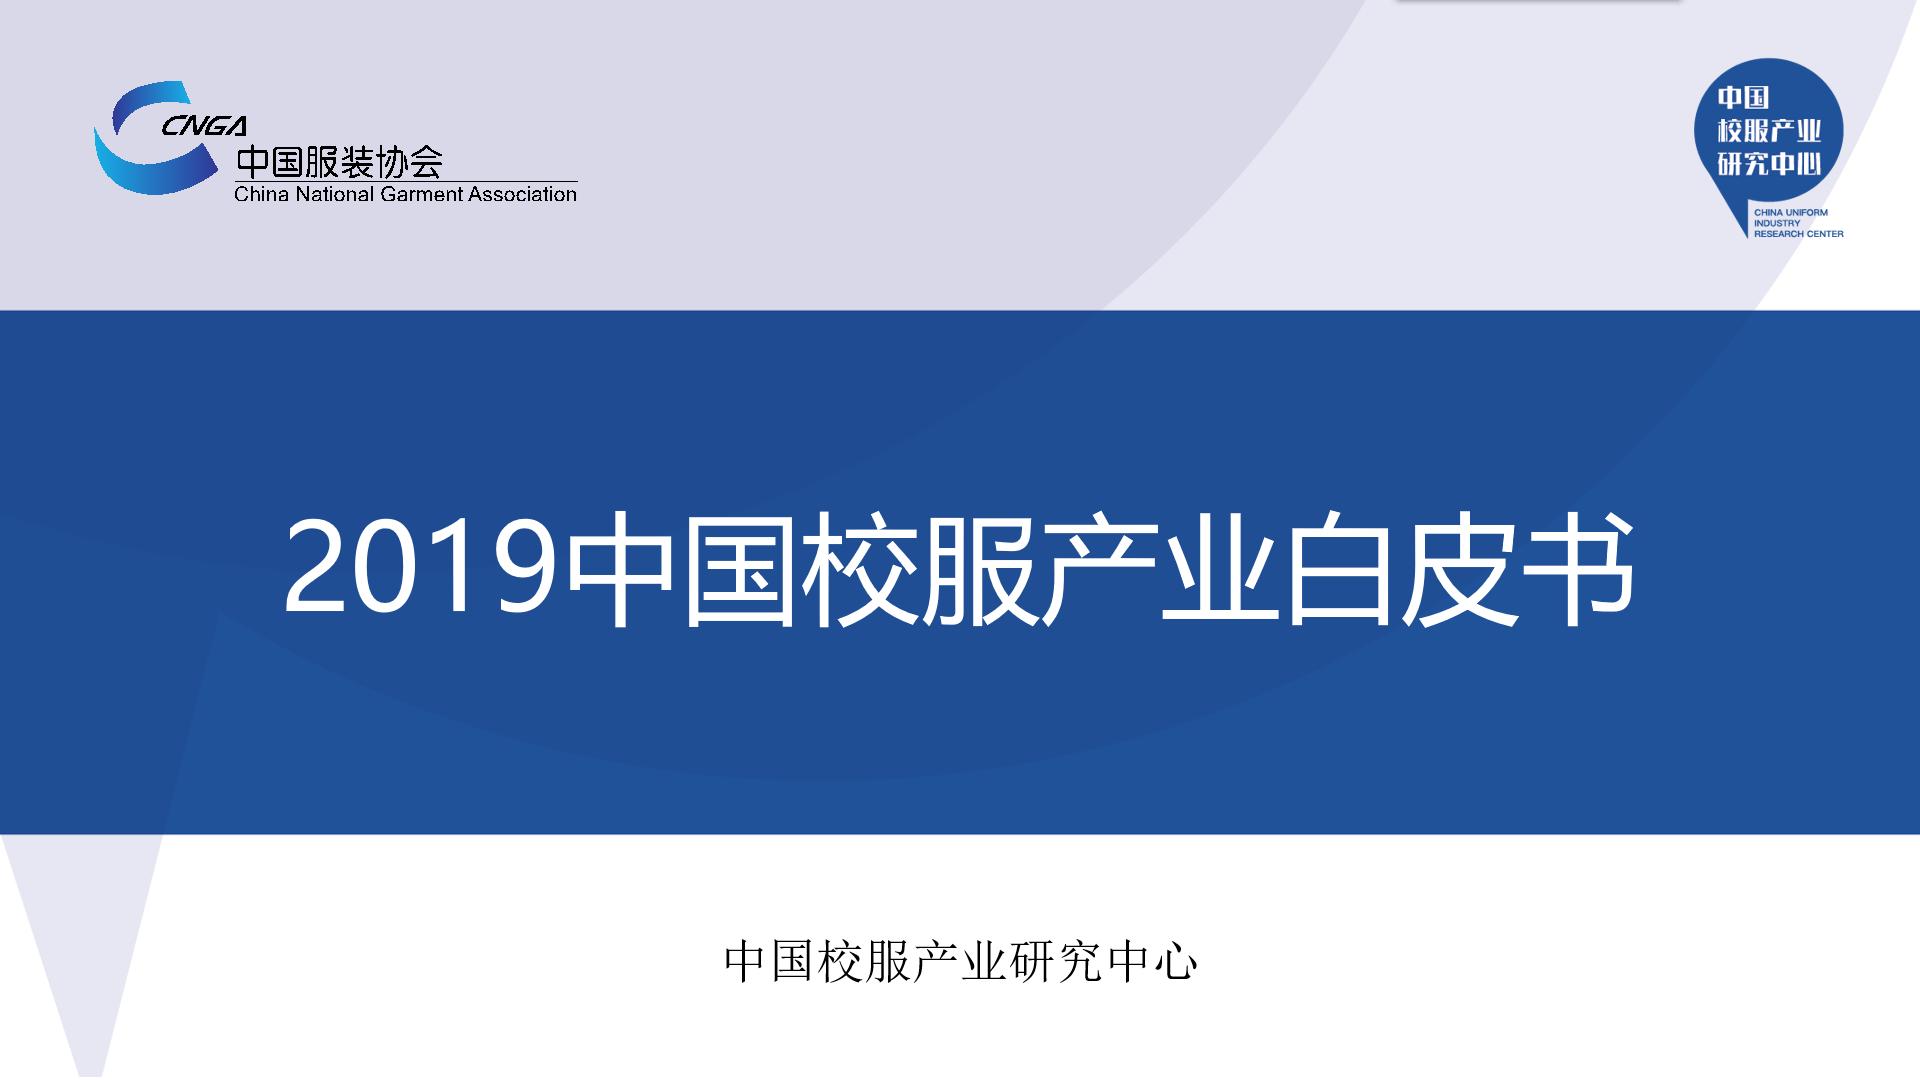 首份校服产业白皮书发布,专家企业探讨未来校服产业发展趋势